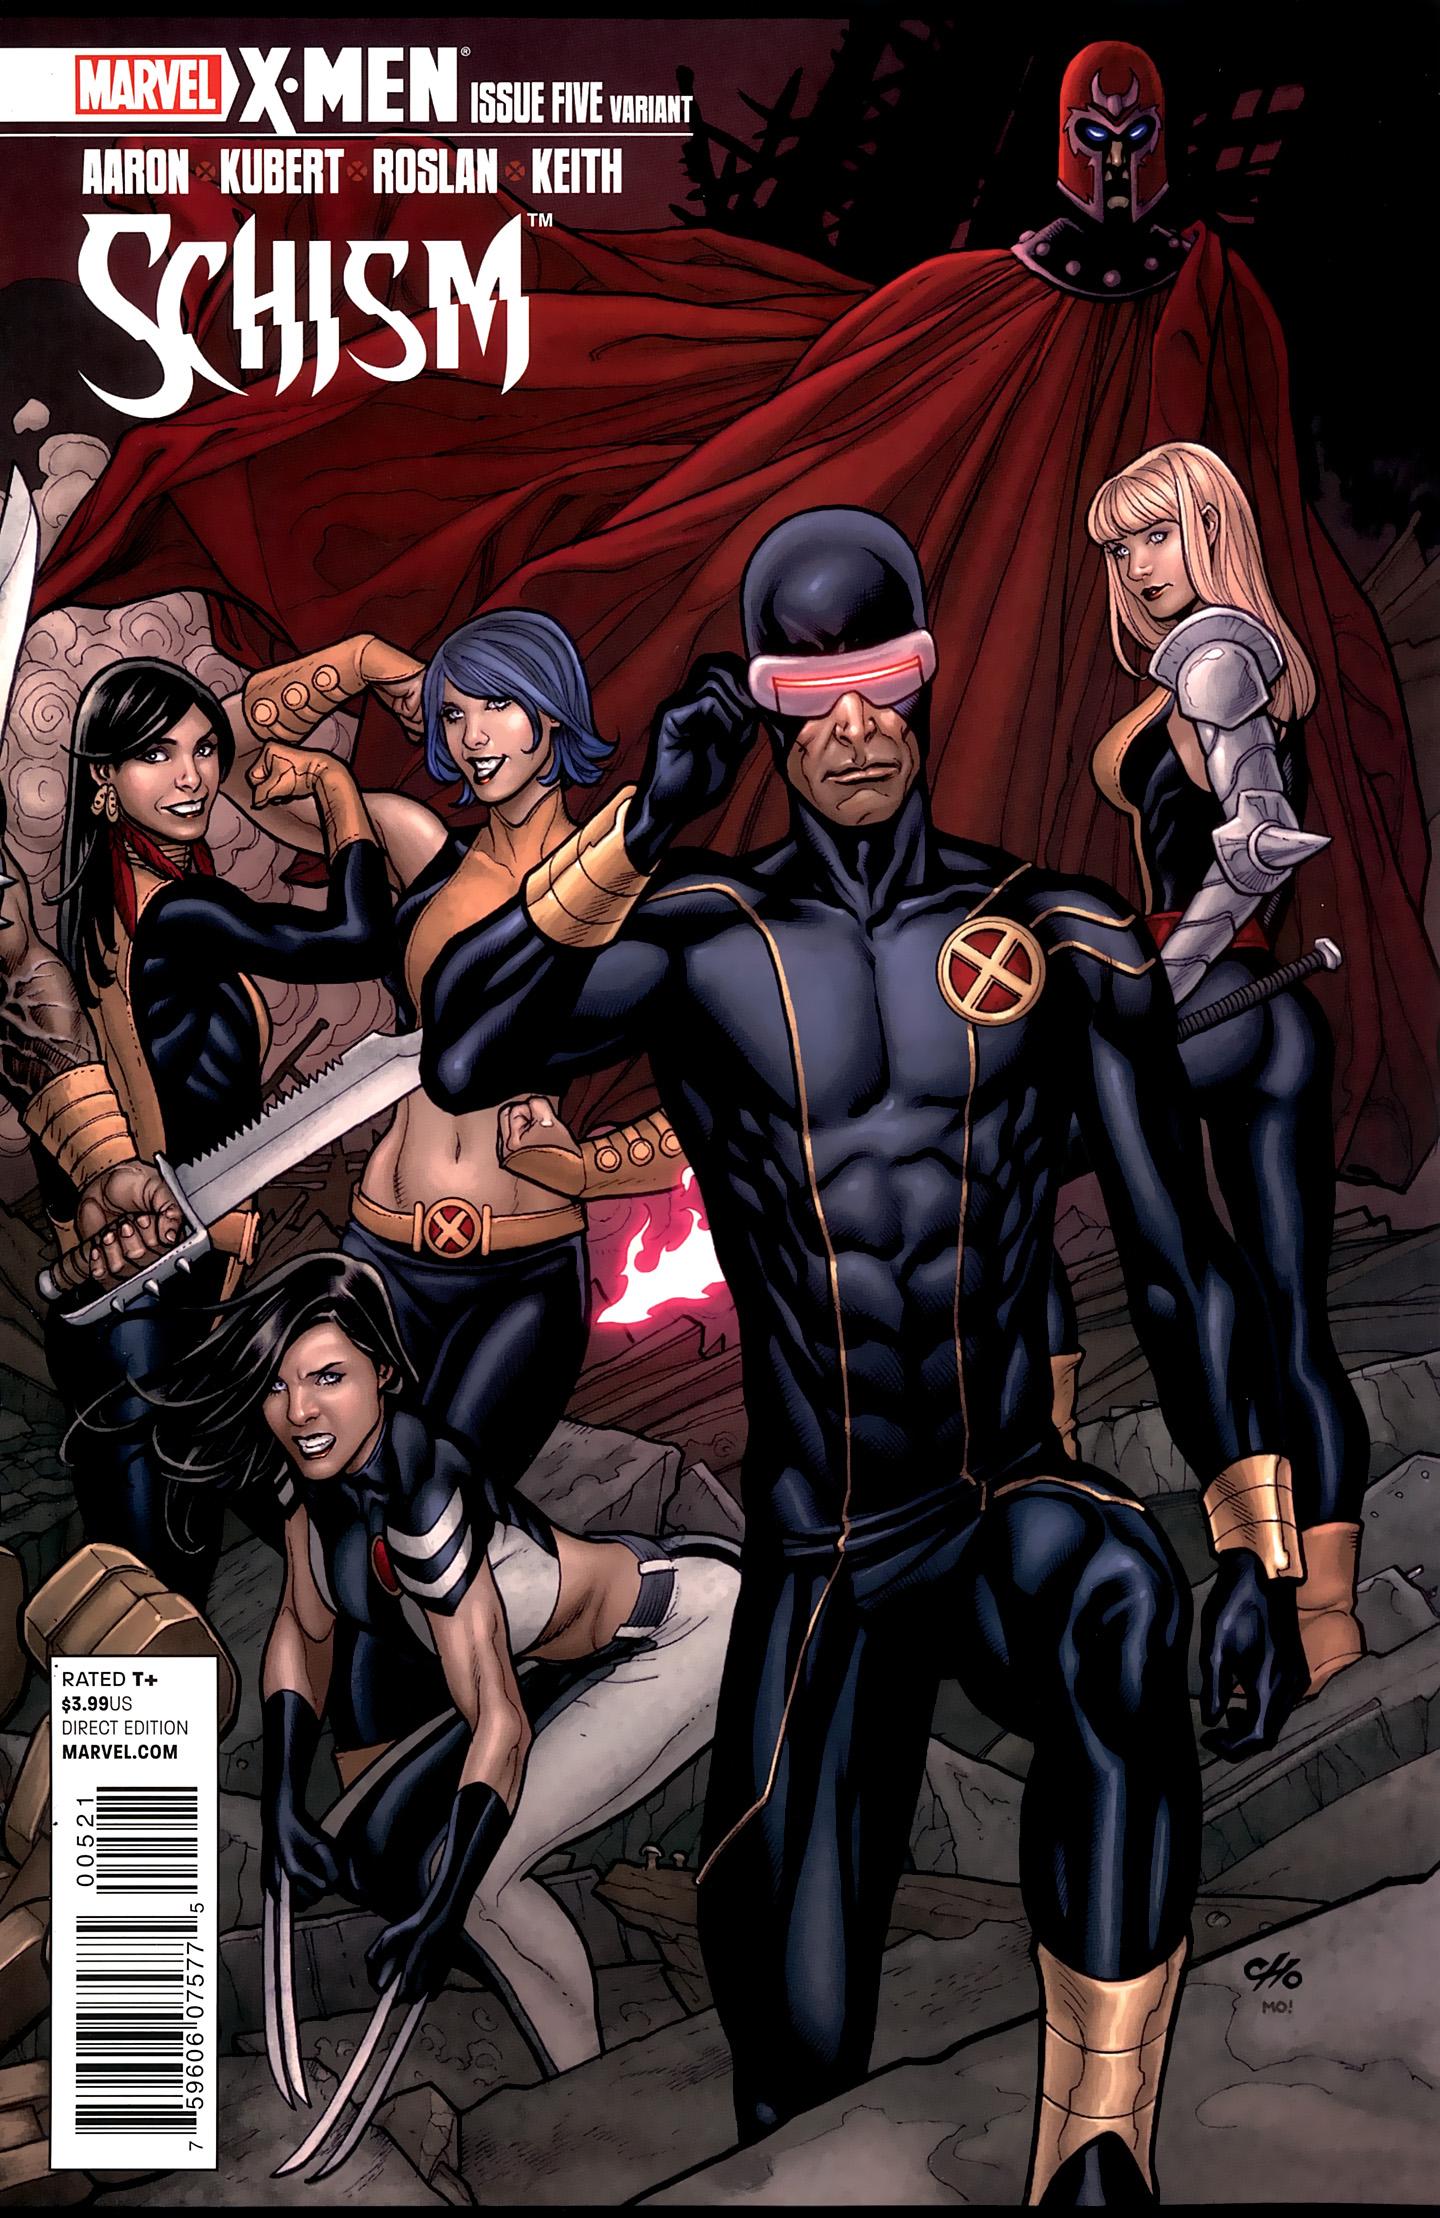 X-Men Schism Vol 1 5 Cho Variant.jpg